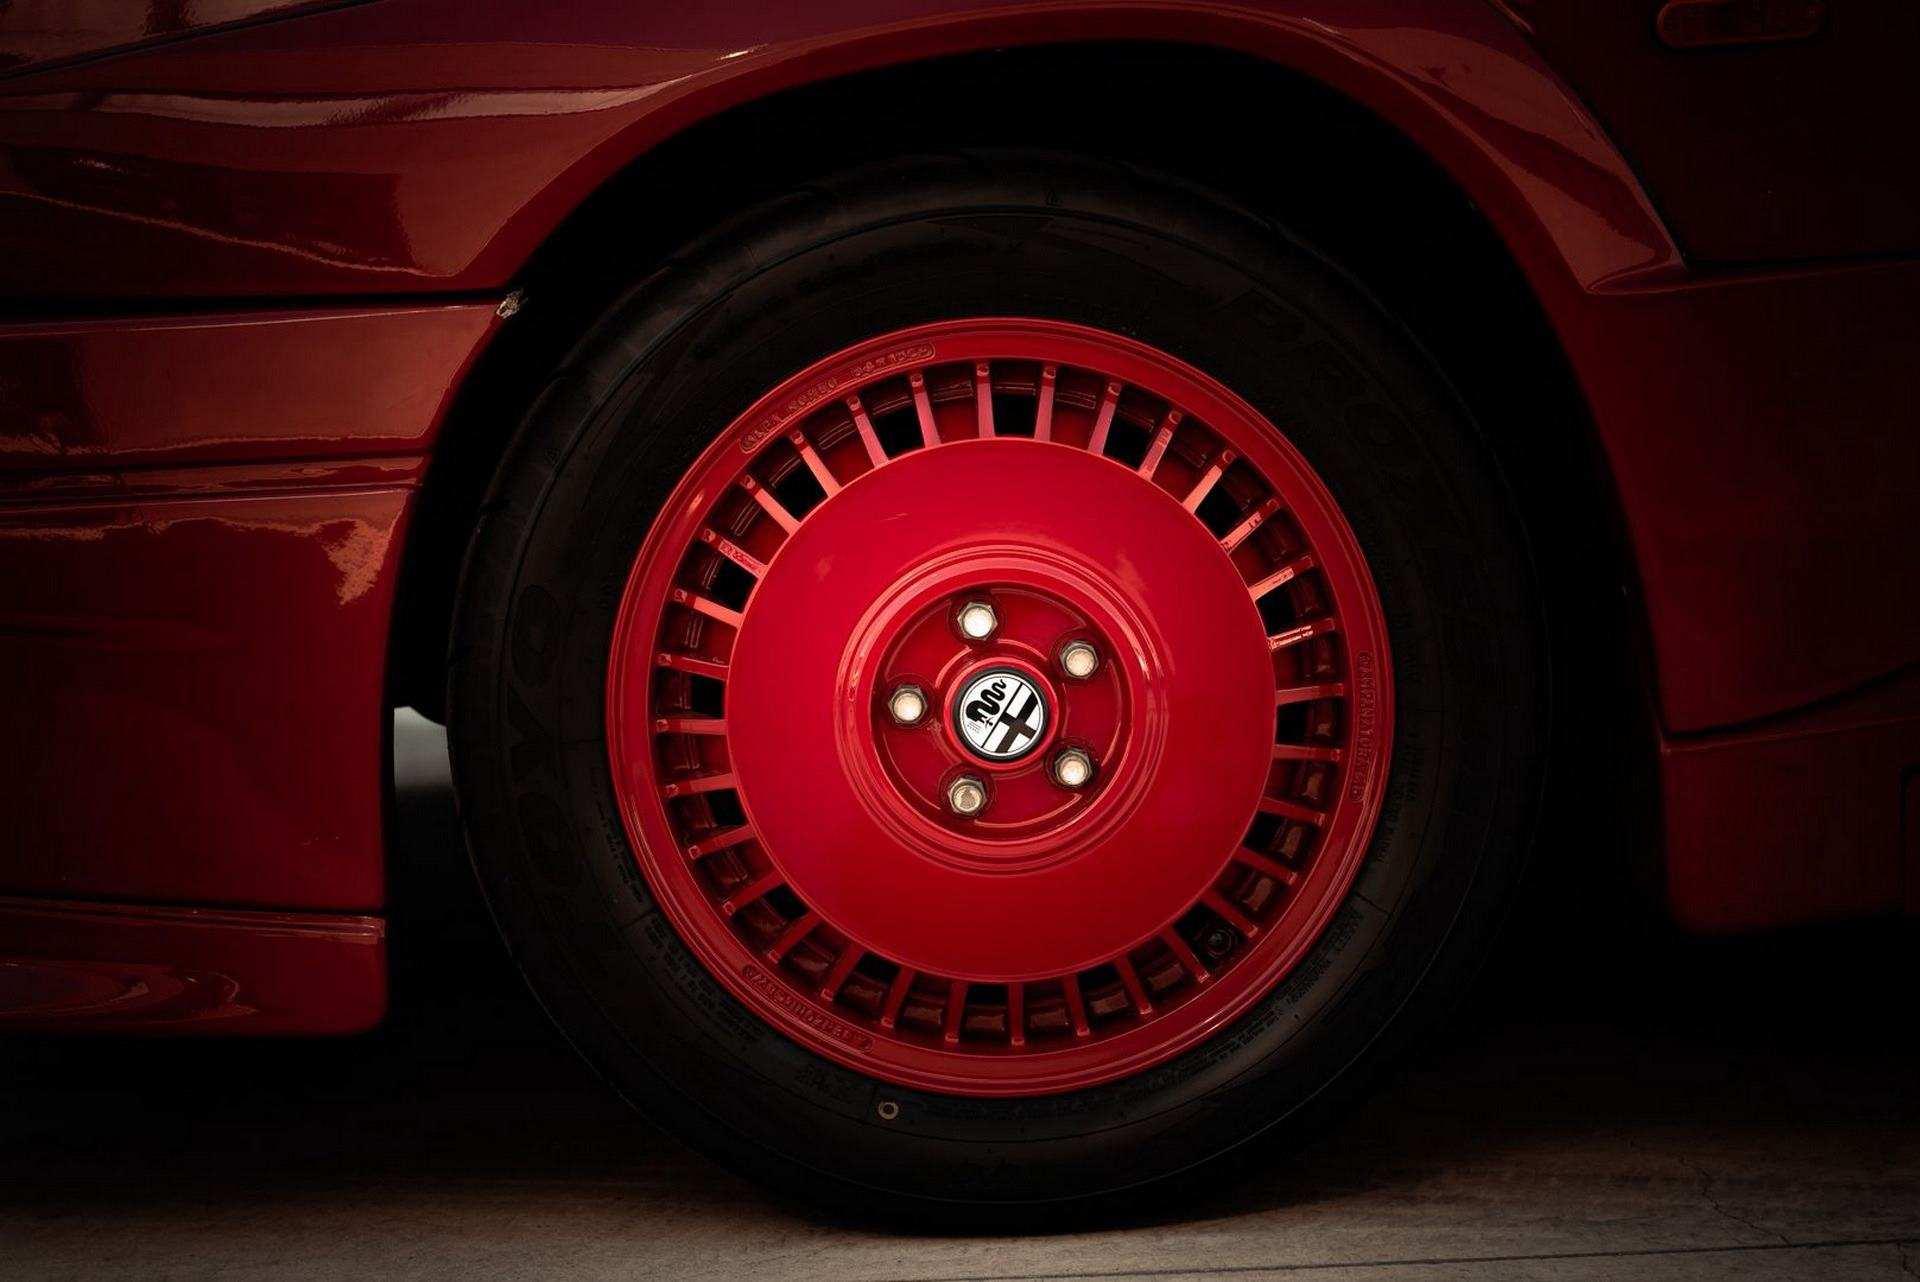 1987_Alfa_Romeo_75_Turbo_Evoluzione_sale-0009